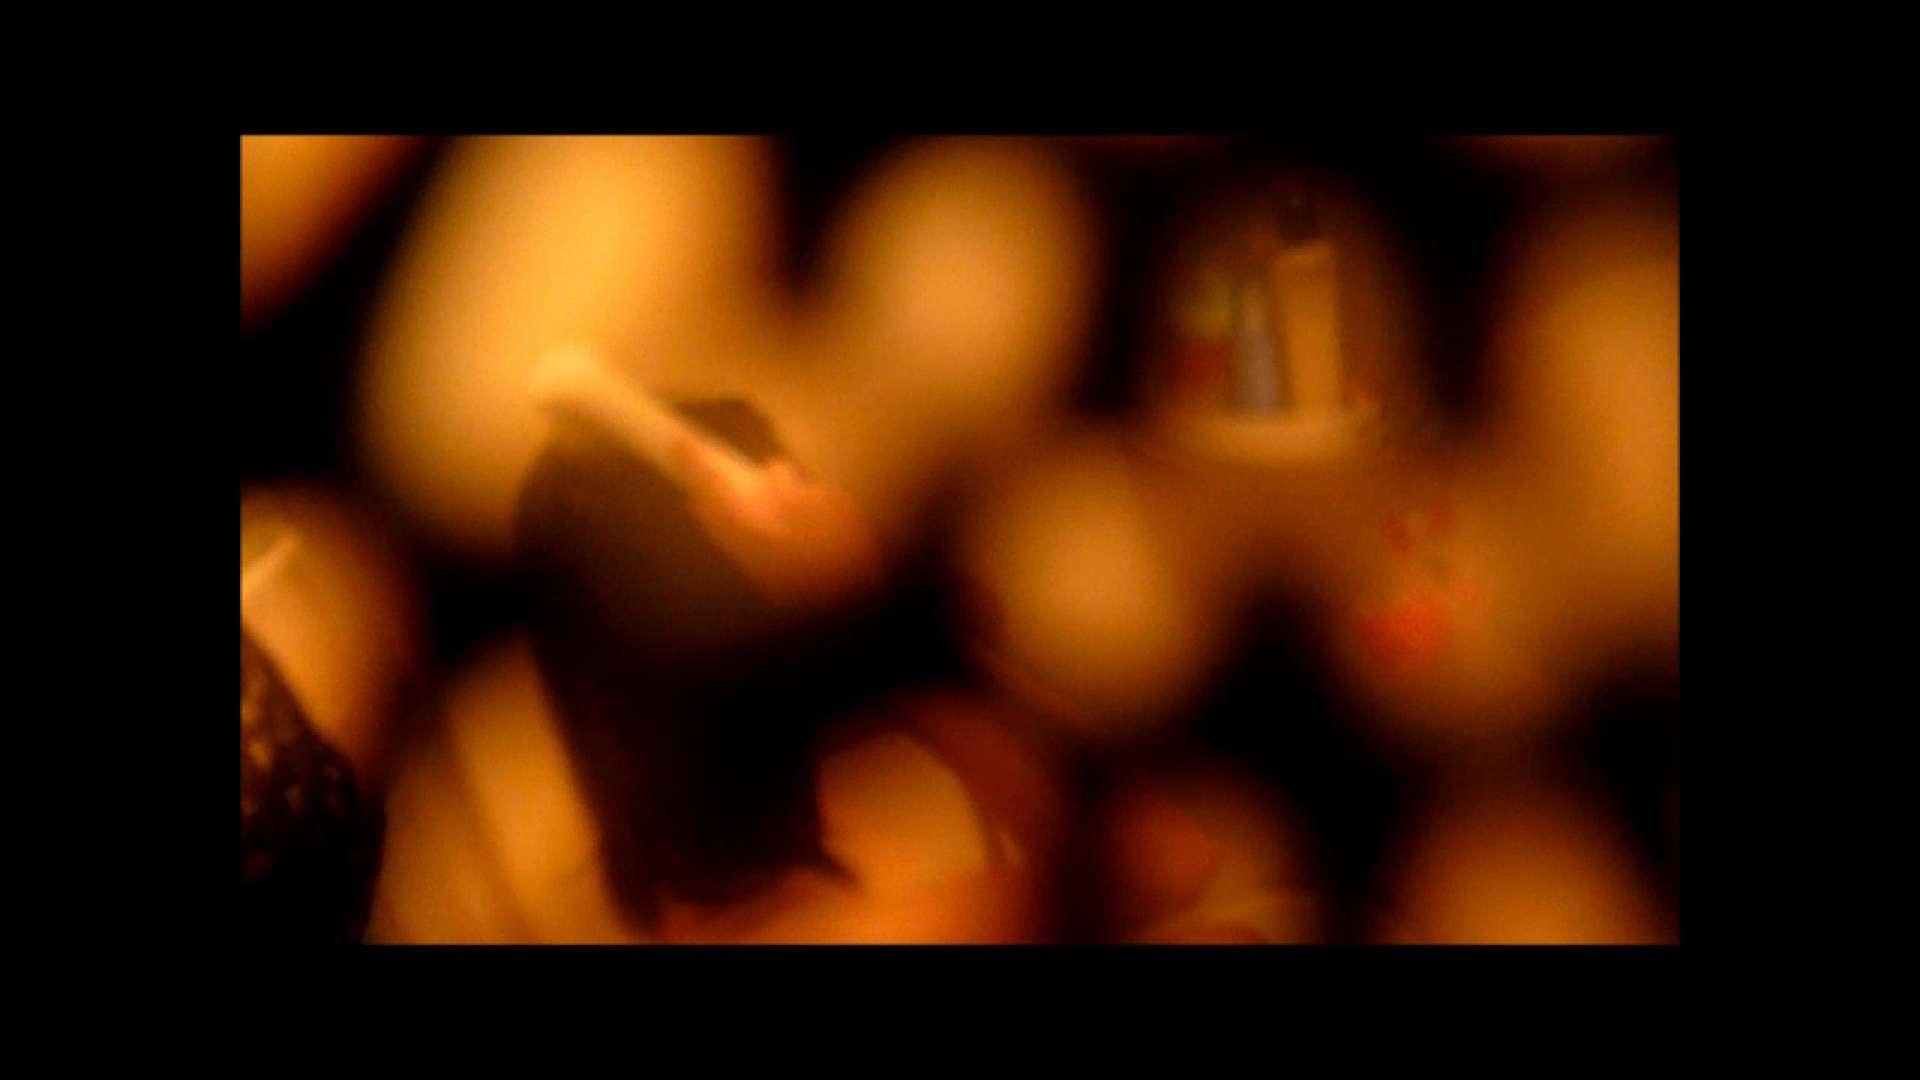 【02】ベランダに侵入して張り込みを始めて・・・やっと結果が出ました。 家宅侵入  107pic 84